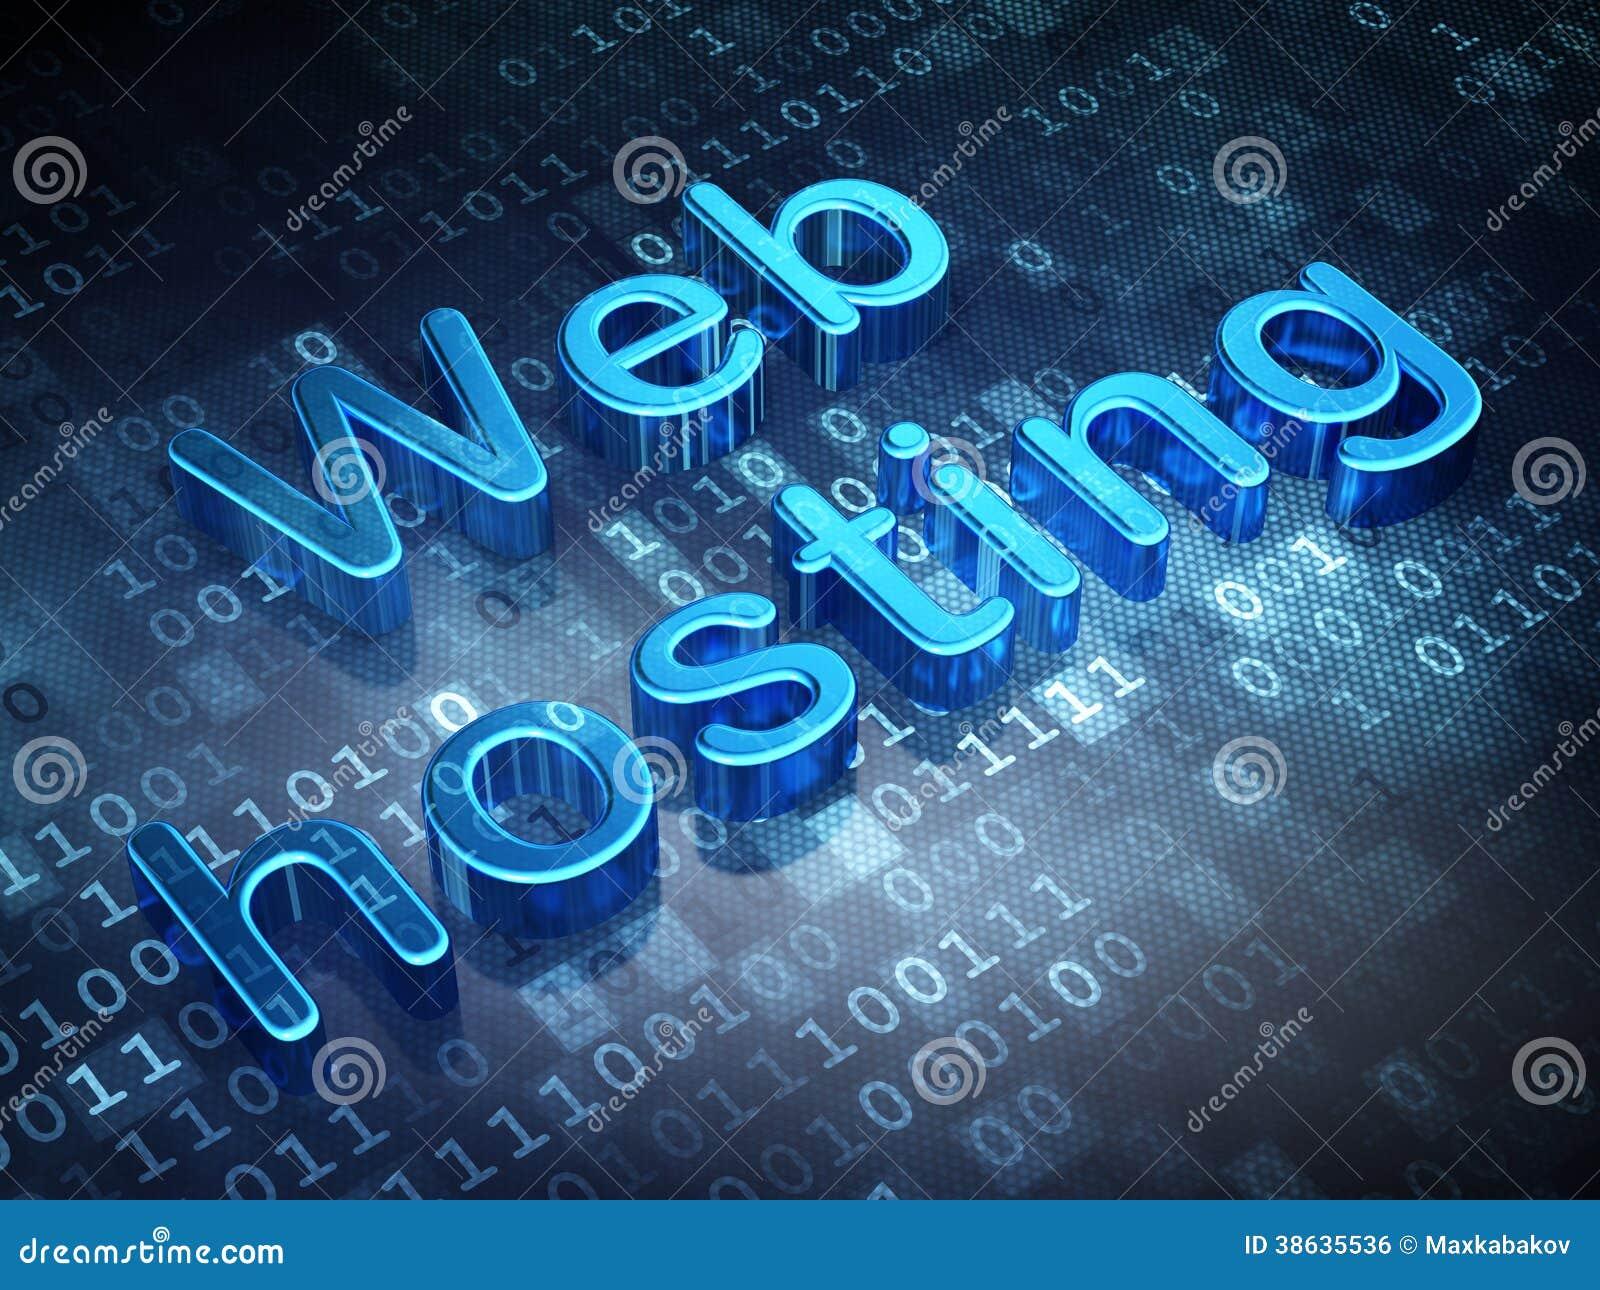 web-design-concept-blue-web-hosting-digital-background-d-render-38635536.jpg